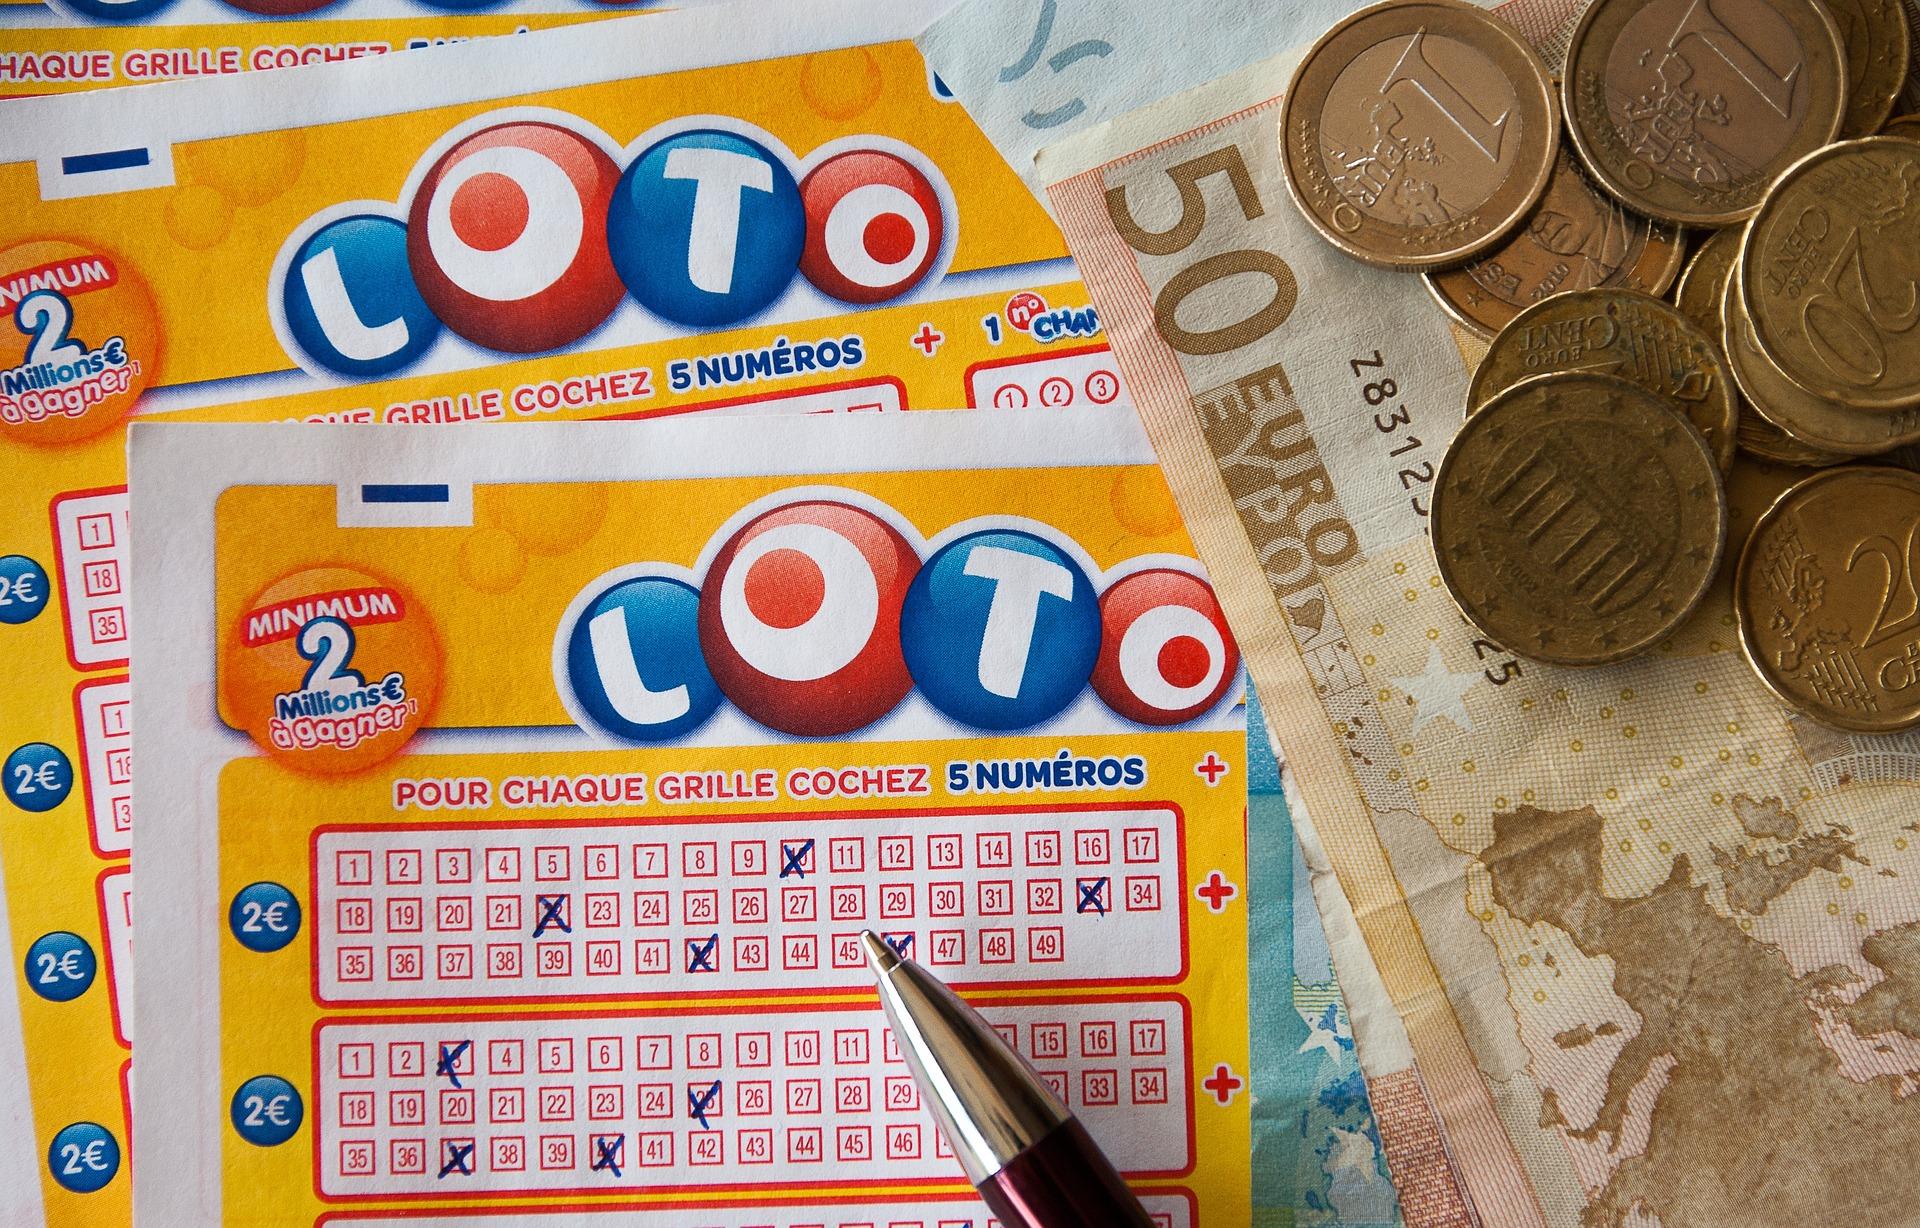 Viele fiebern beim Lottospielen mit Spannung den regelmäßigen Ziehungen entgegen und hoffen, endlich die richtigen Glückszahlen erraten zu haben.